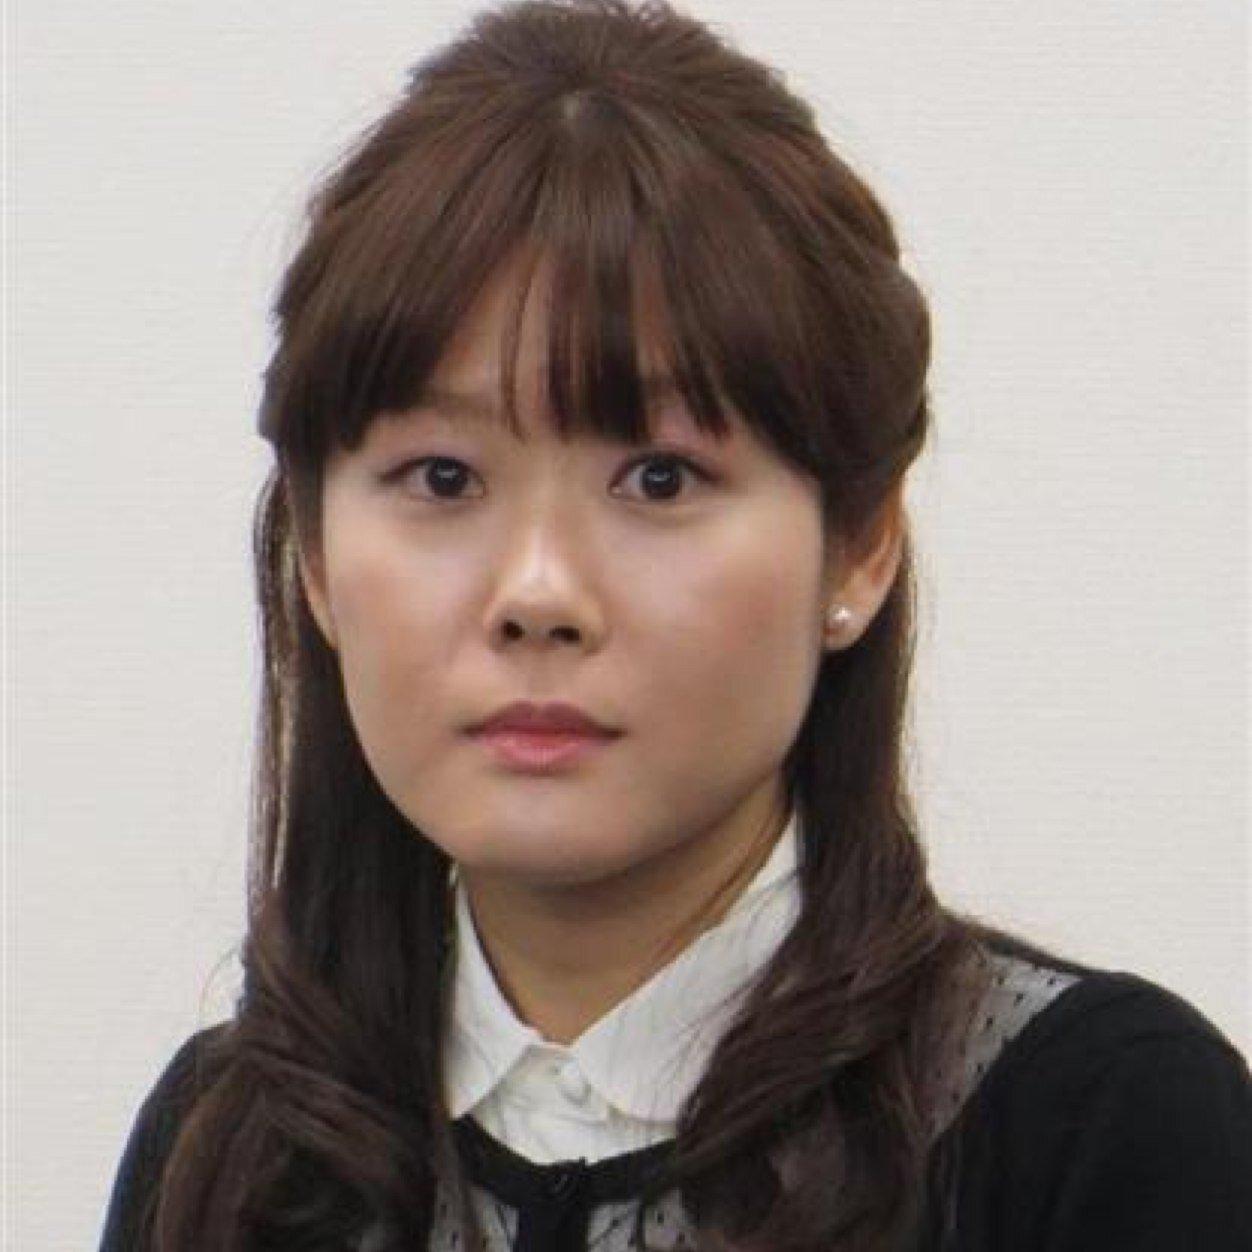 元リケジョの星・小保方晴子シリーズ⑥両親は蒸発してしまった!?のサムネイル画像